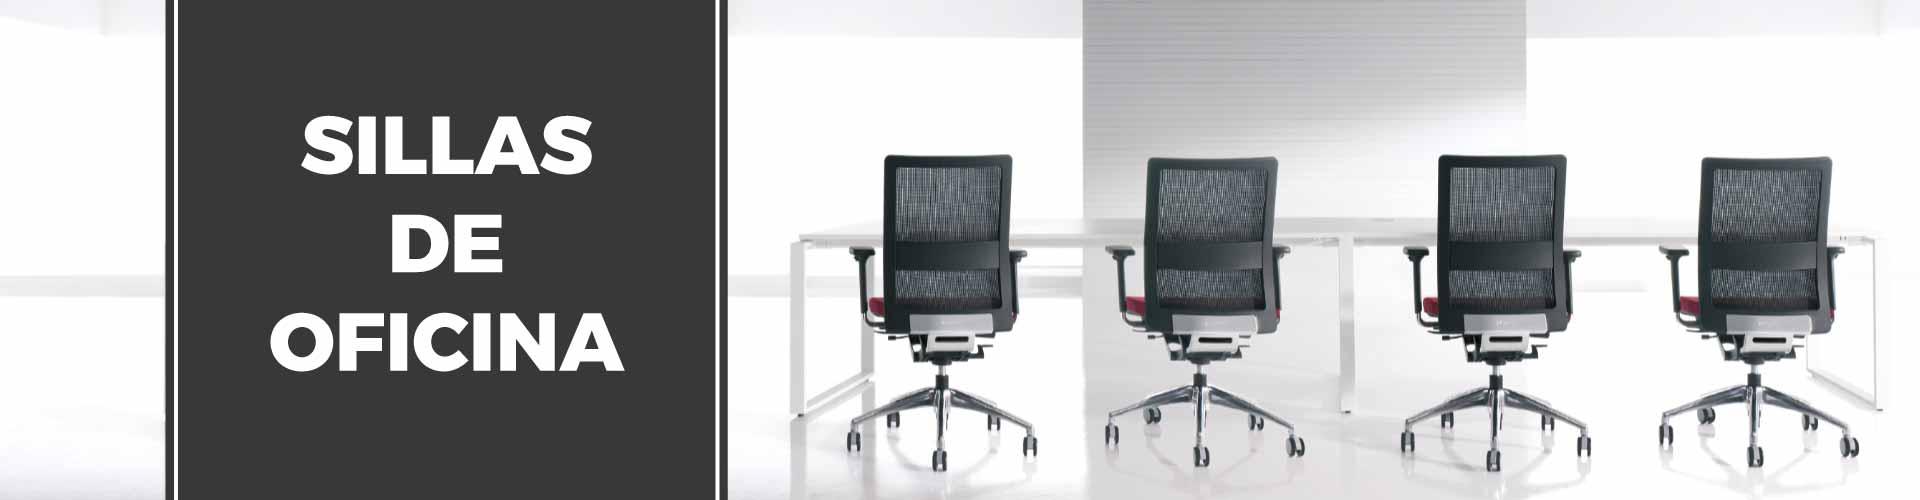 Encuentra un amplio catálogo de sillas de oficina